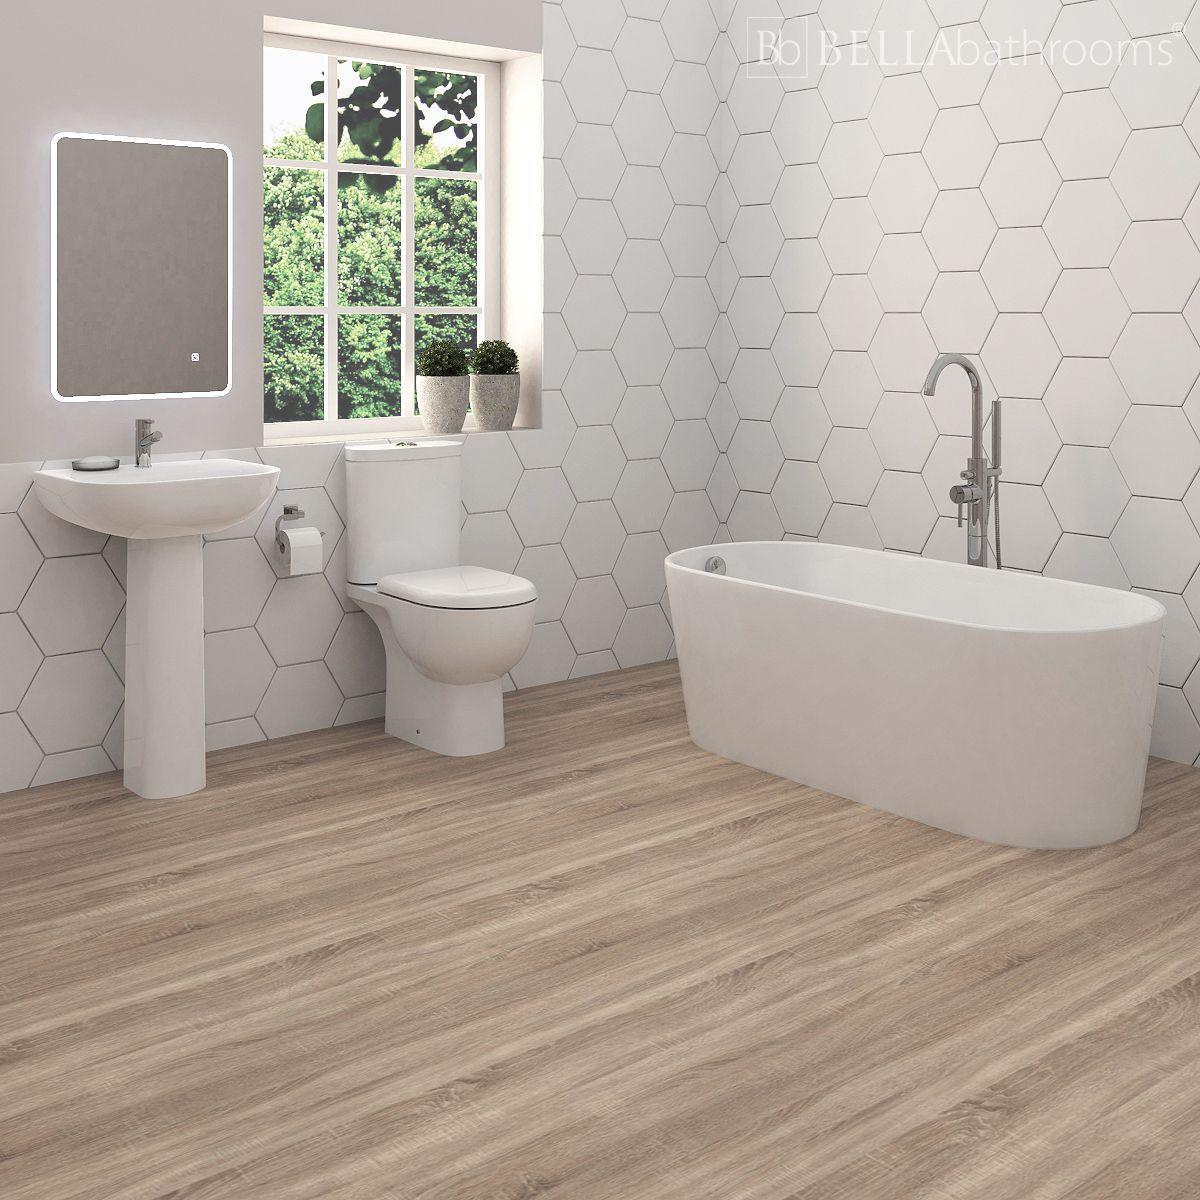 Rak Tonique Bathroom Suite With Brearton Freestanding Bath Bathroom Suites Uk Bathroom Suite Free Standing Bath